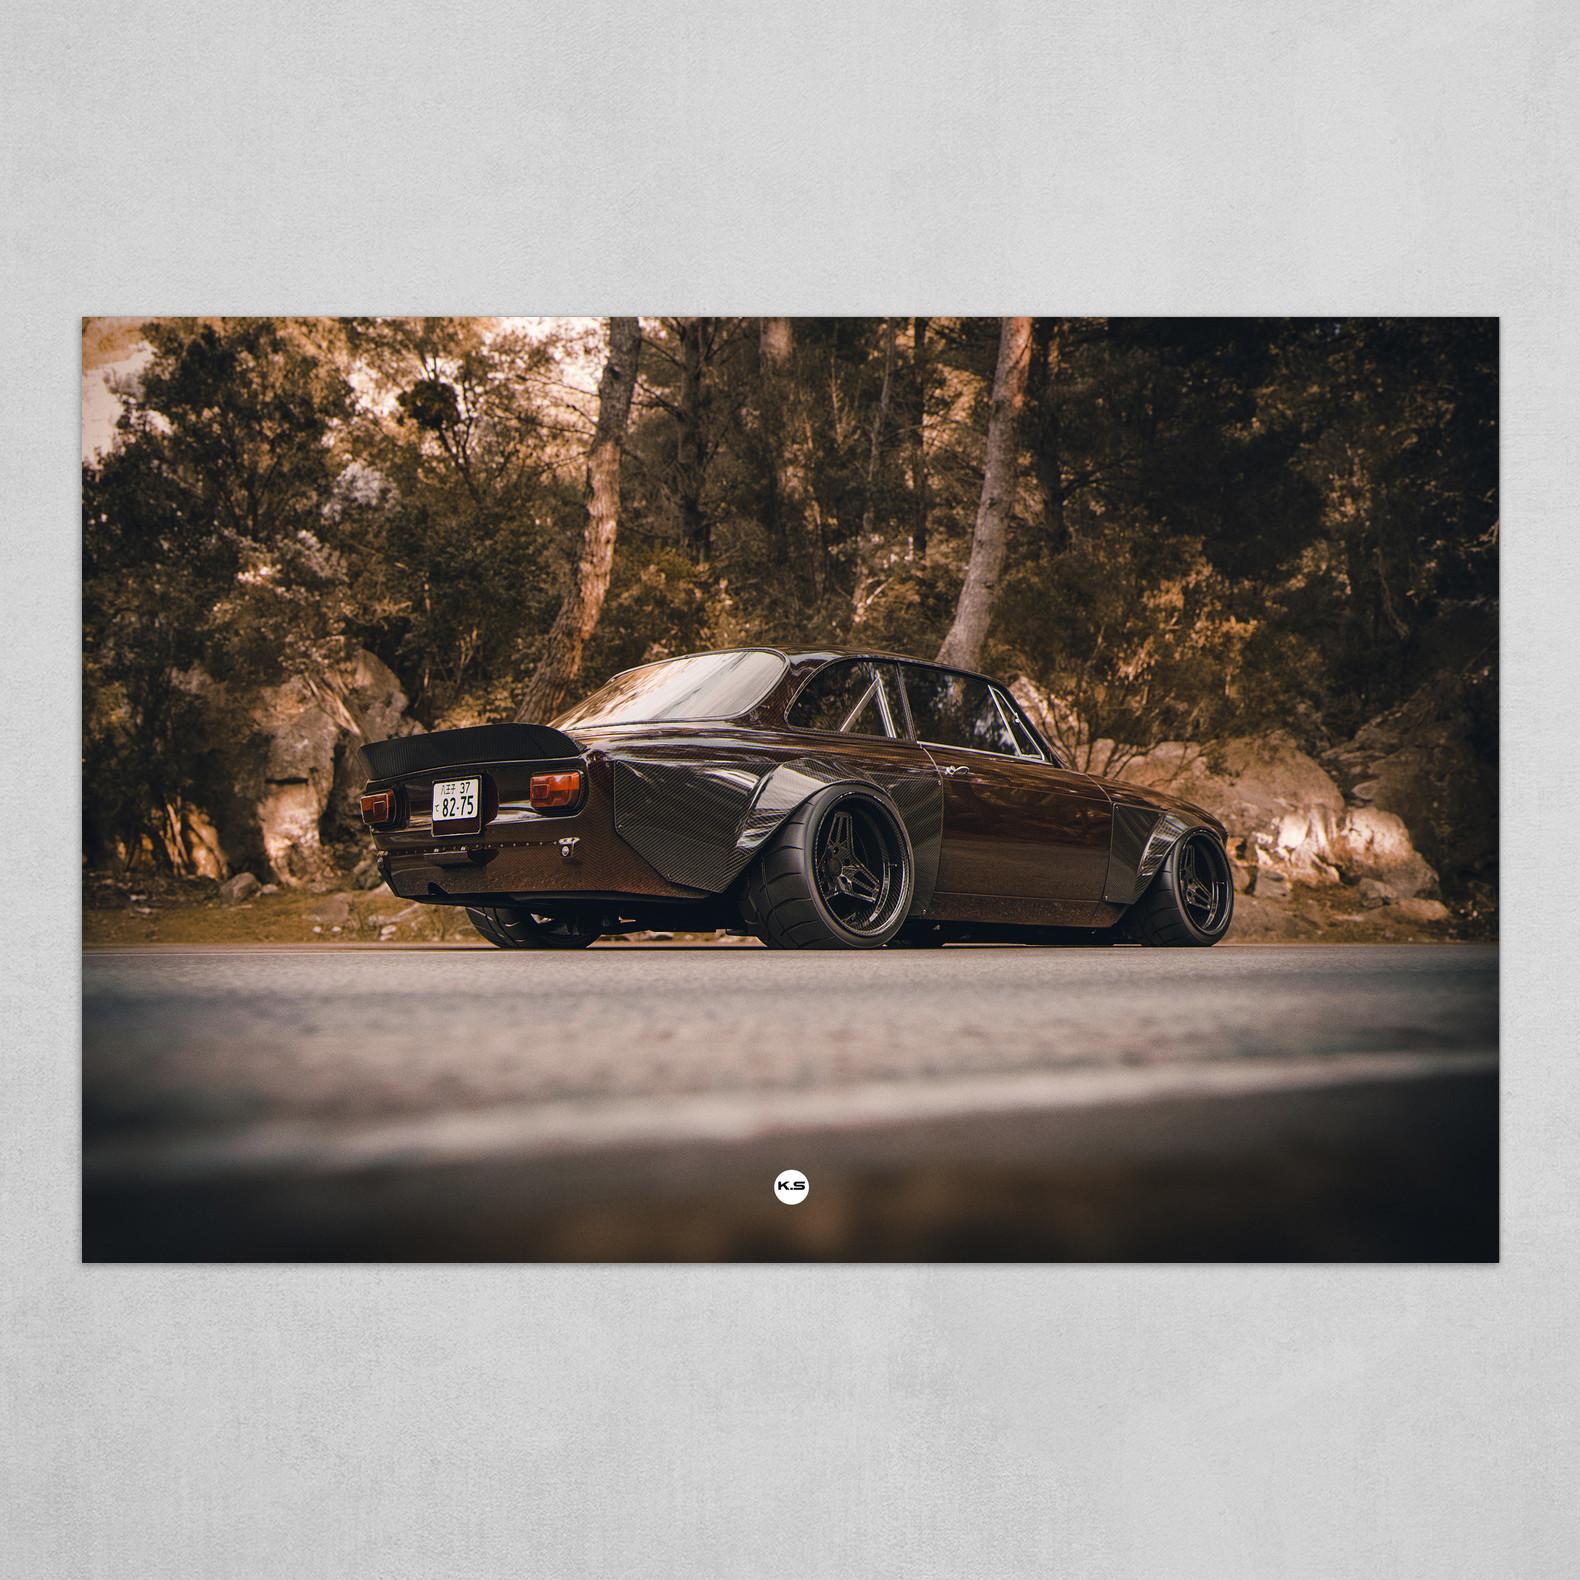 K.S ALFA V8 GIULIA GTA